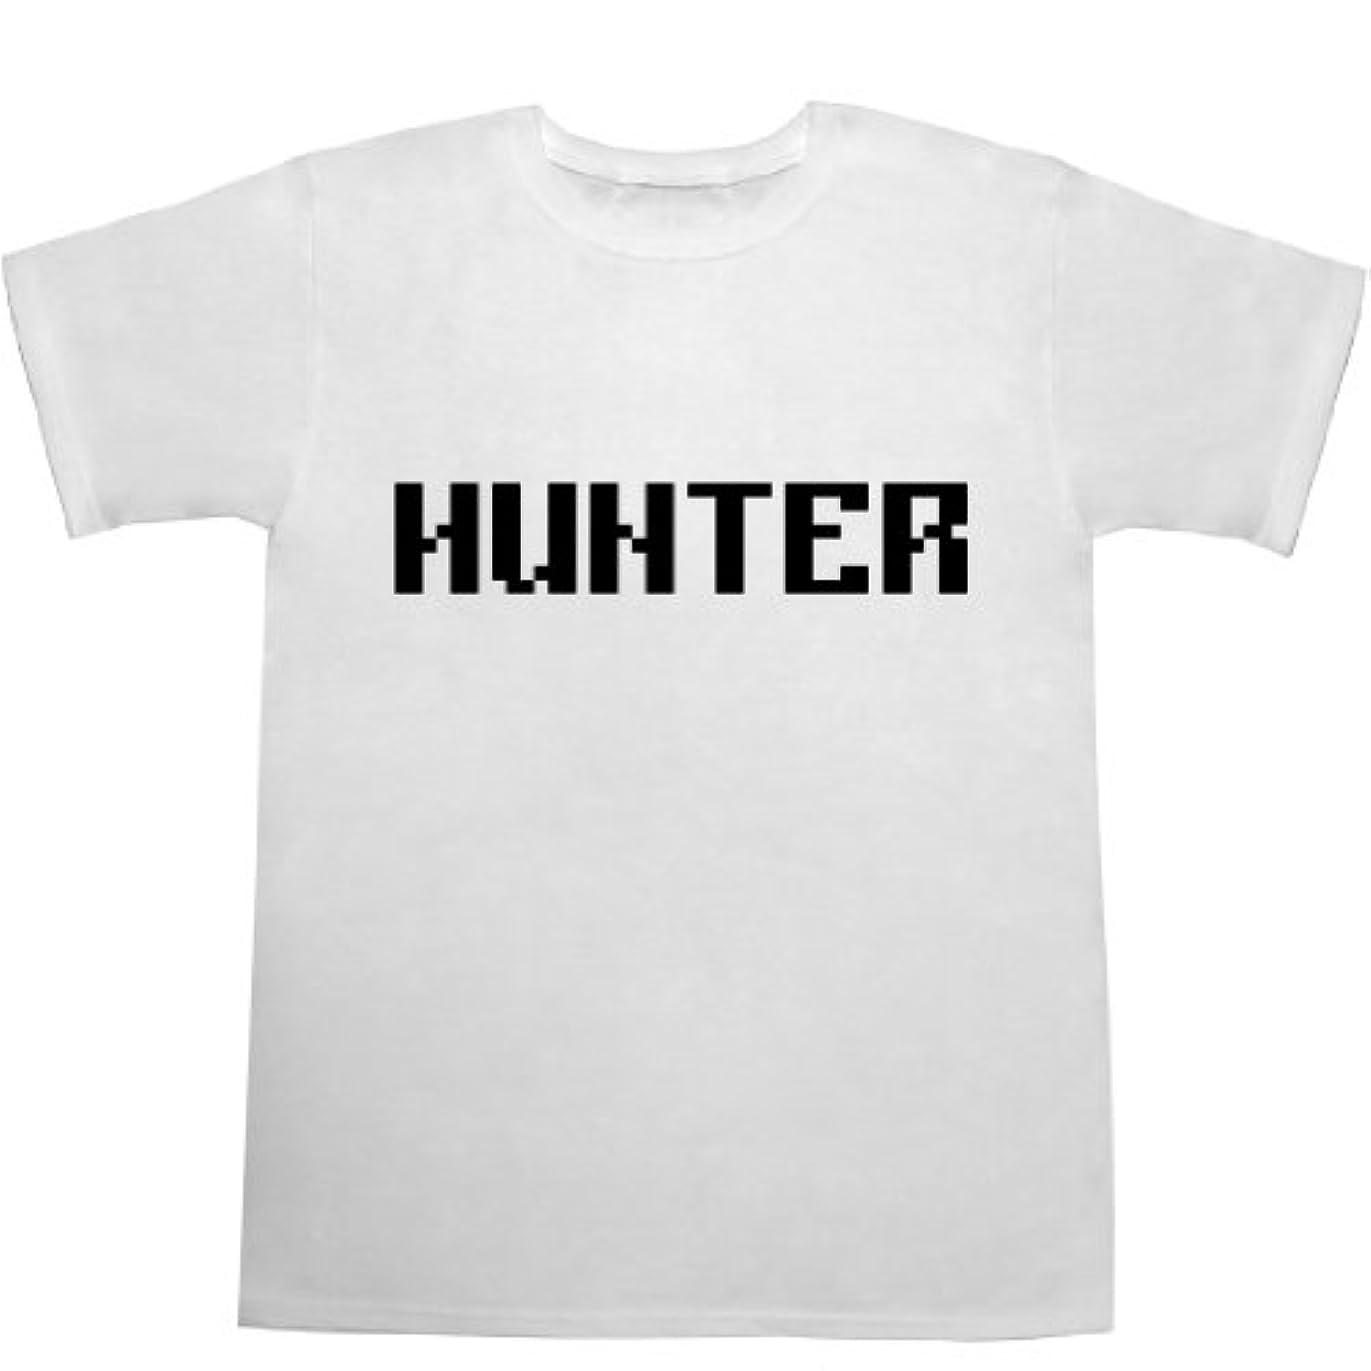 パートナー暴露する不規則なHUNTER Tシャツ